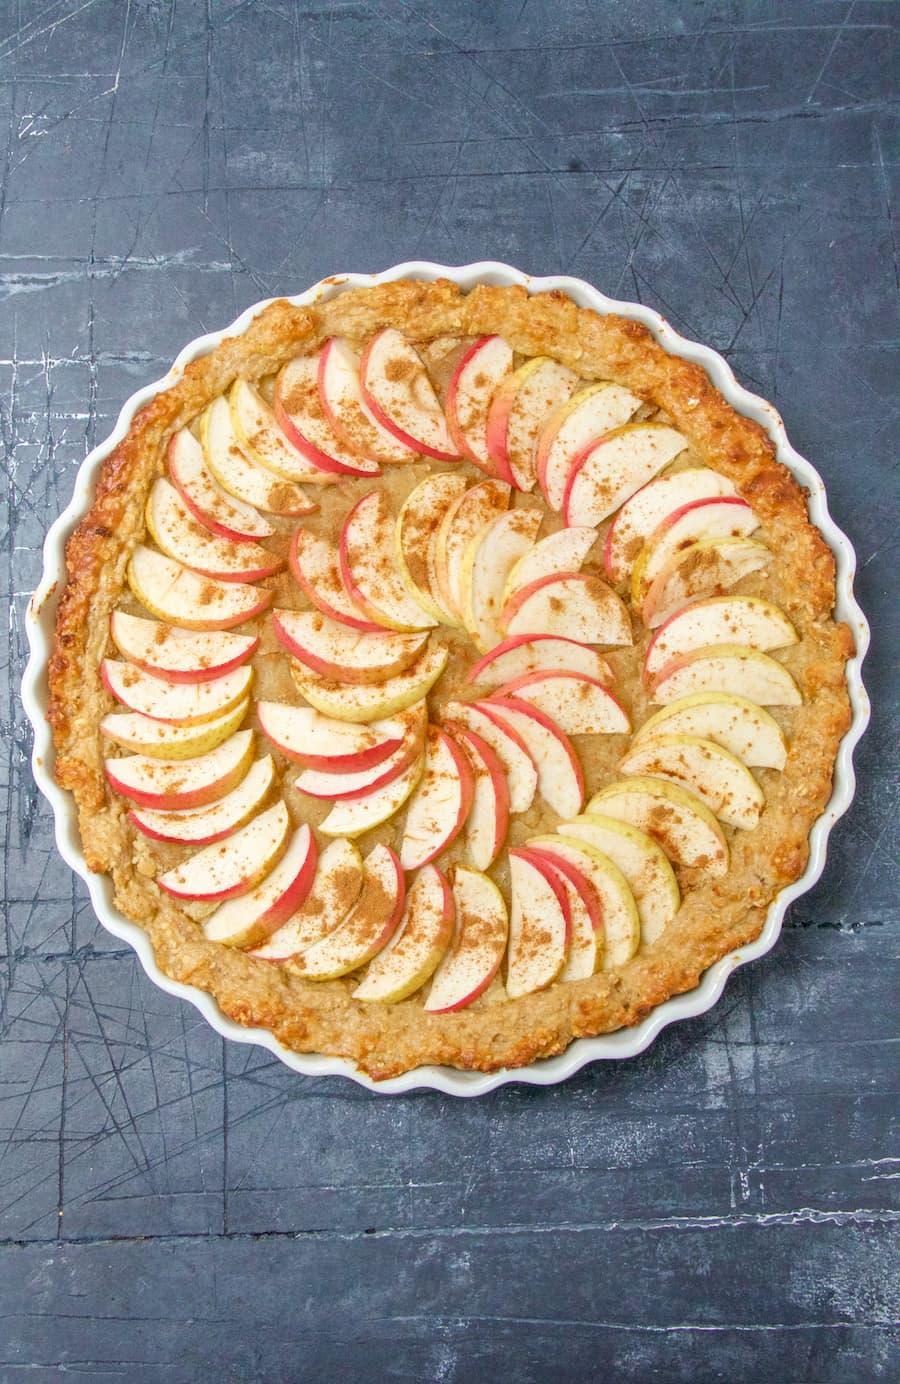 Æblekageopskrif